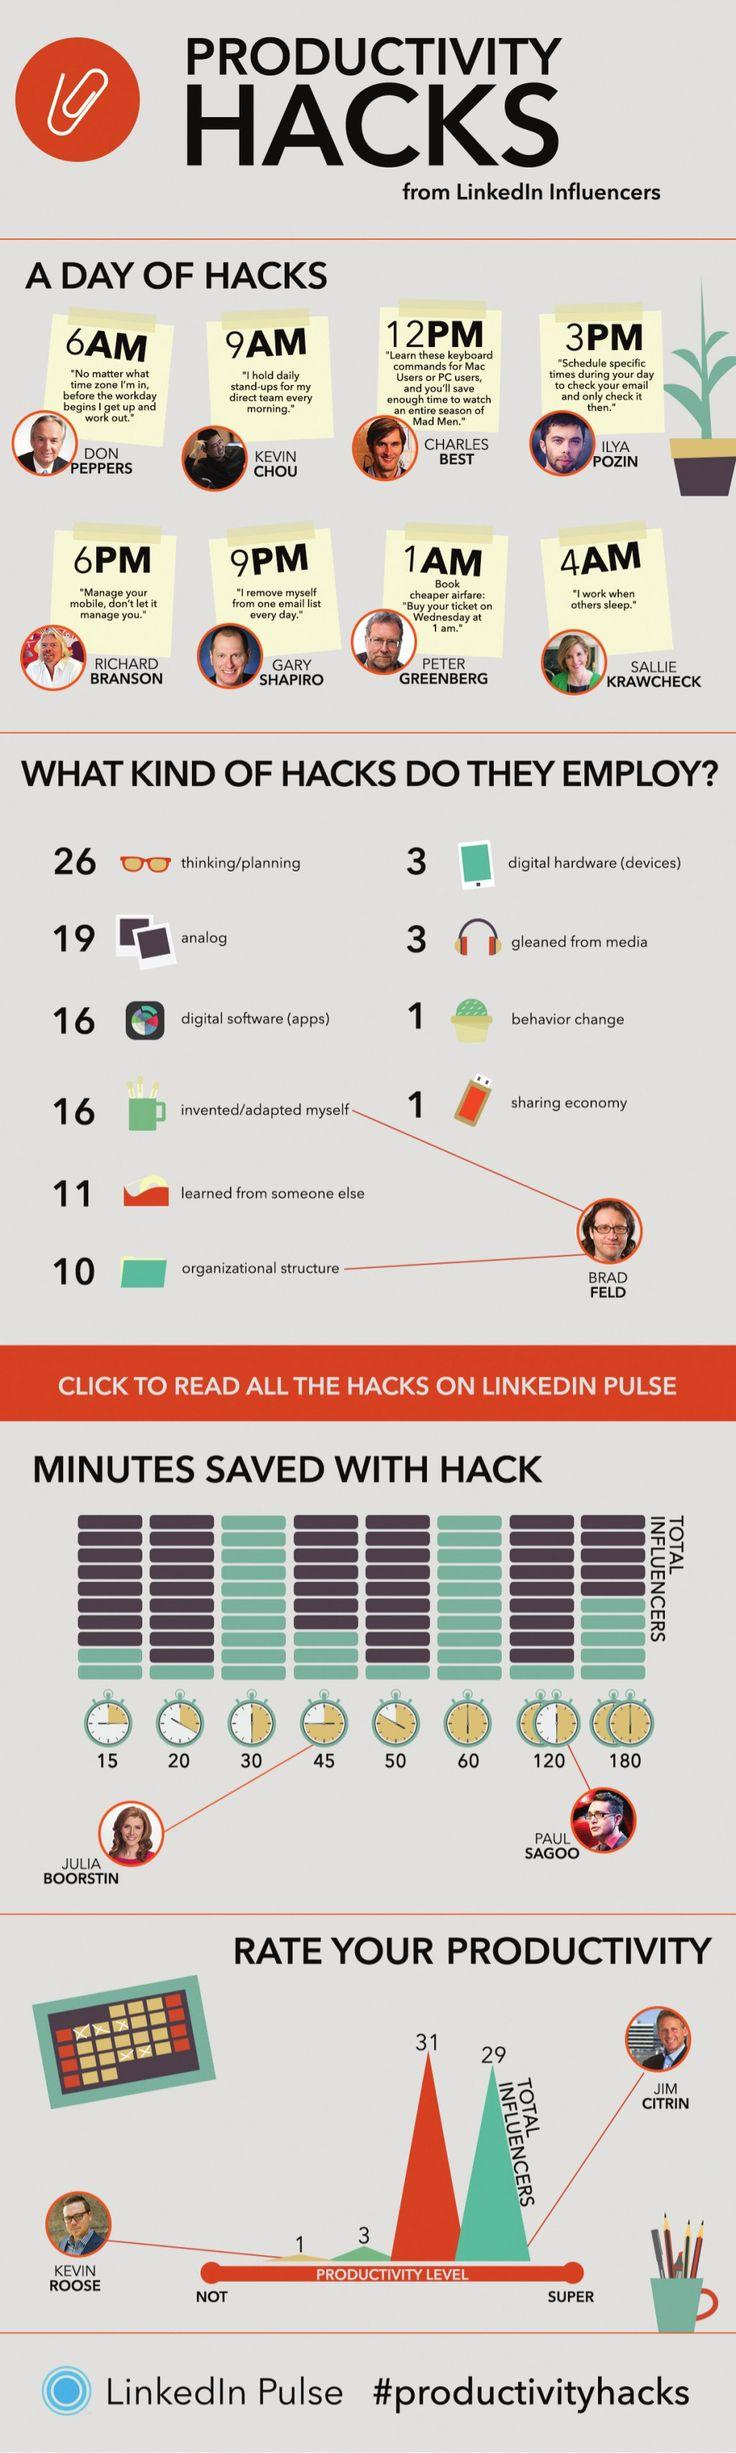 Killer Productivity 'Hacks' From Entrepreneurs Like Richard Branson (Infographic)